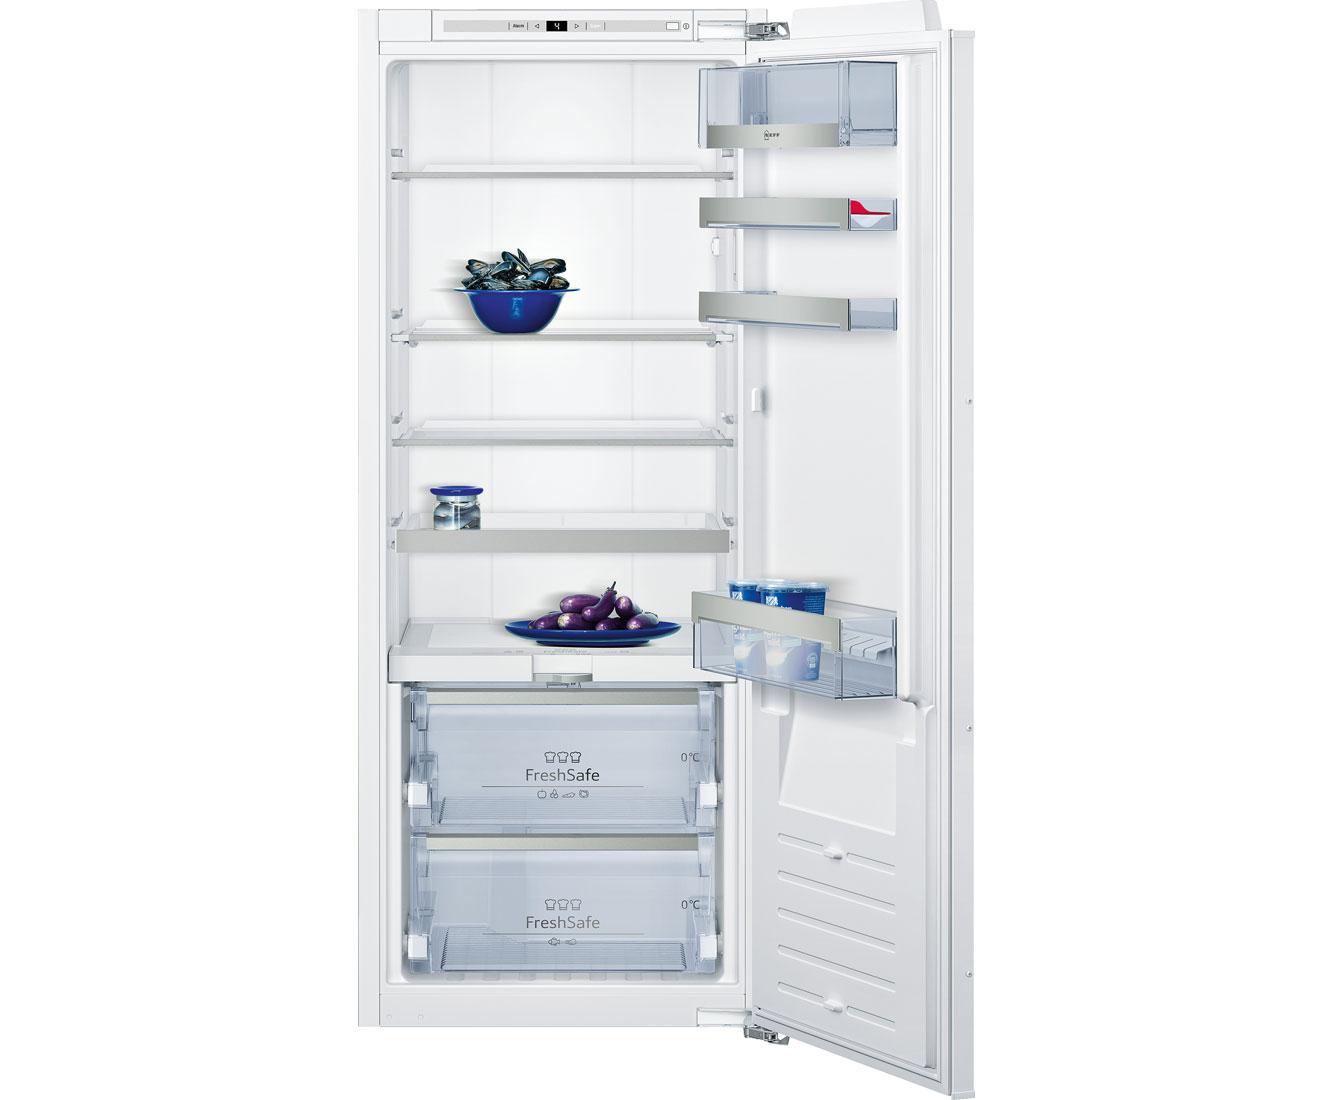 Bomann Kühlschrank Griff : Rabatt preisvergleich weiße ware u e kühlen gefrieren u e kühlschrank